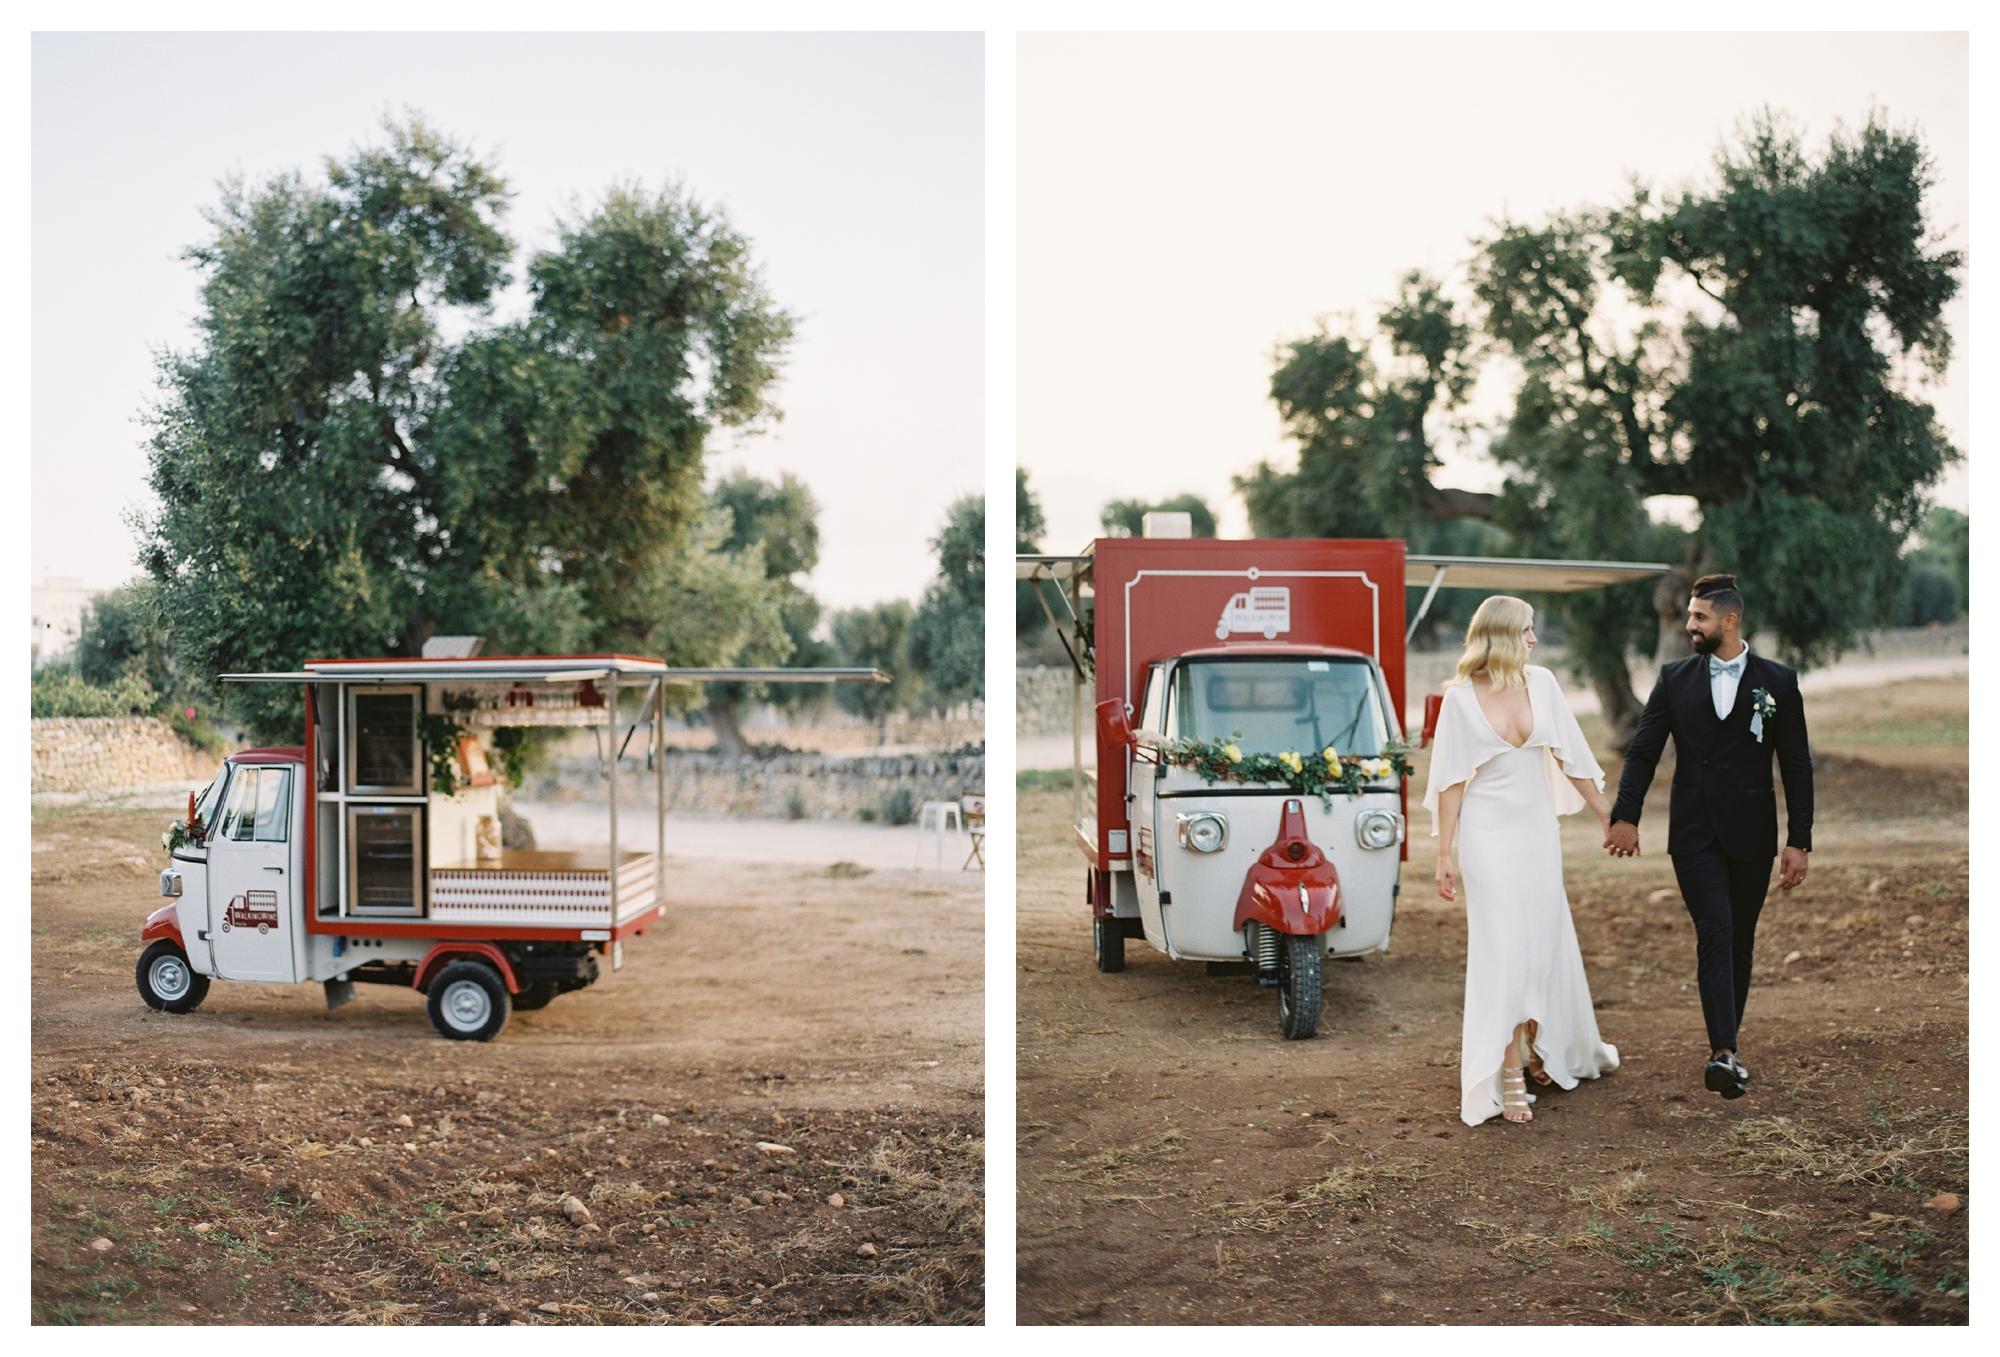 bride and groom, alexandra grecco dress, wine cart, ape car, wedding cocktail hour, masseria torre coccaro wedding